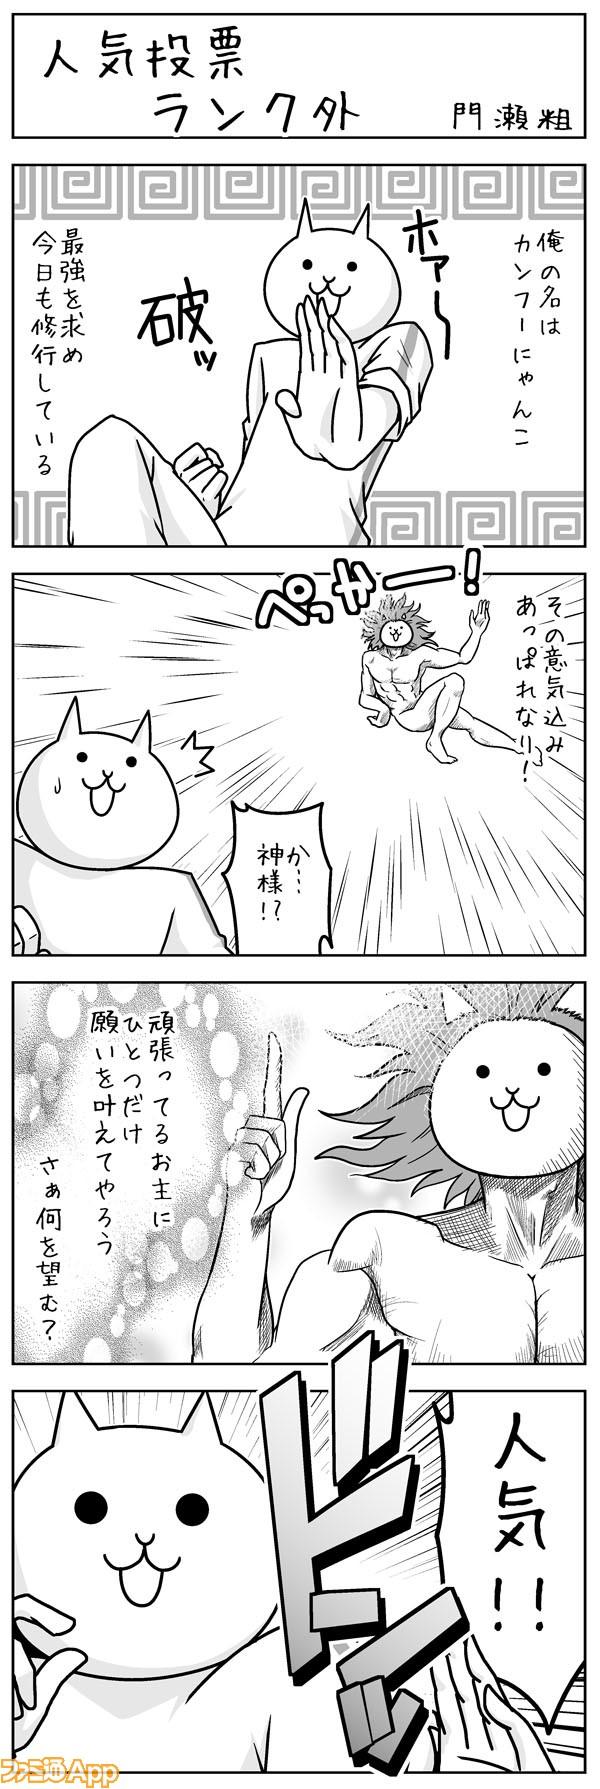 にゃんこ 大 戦争 ランキング